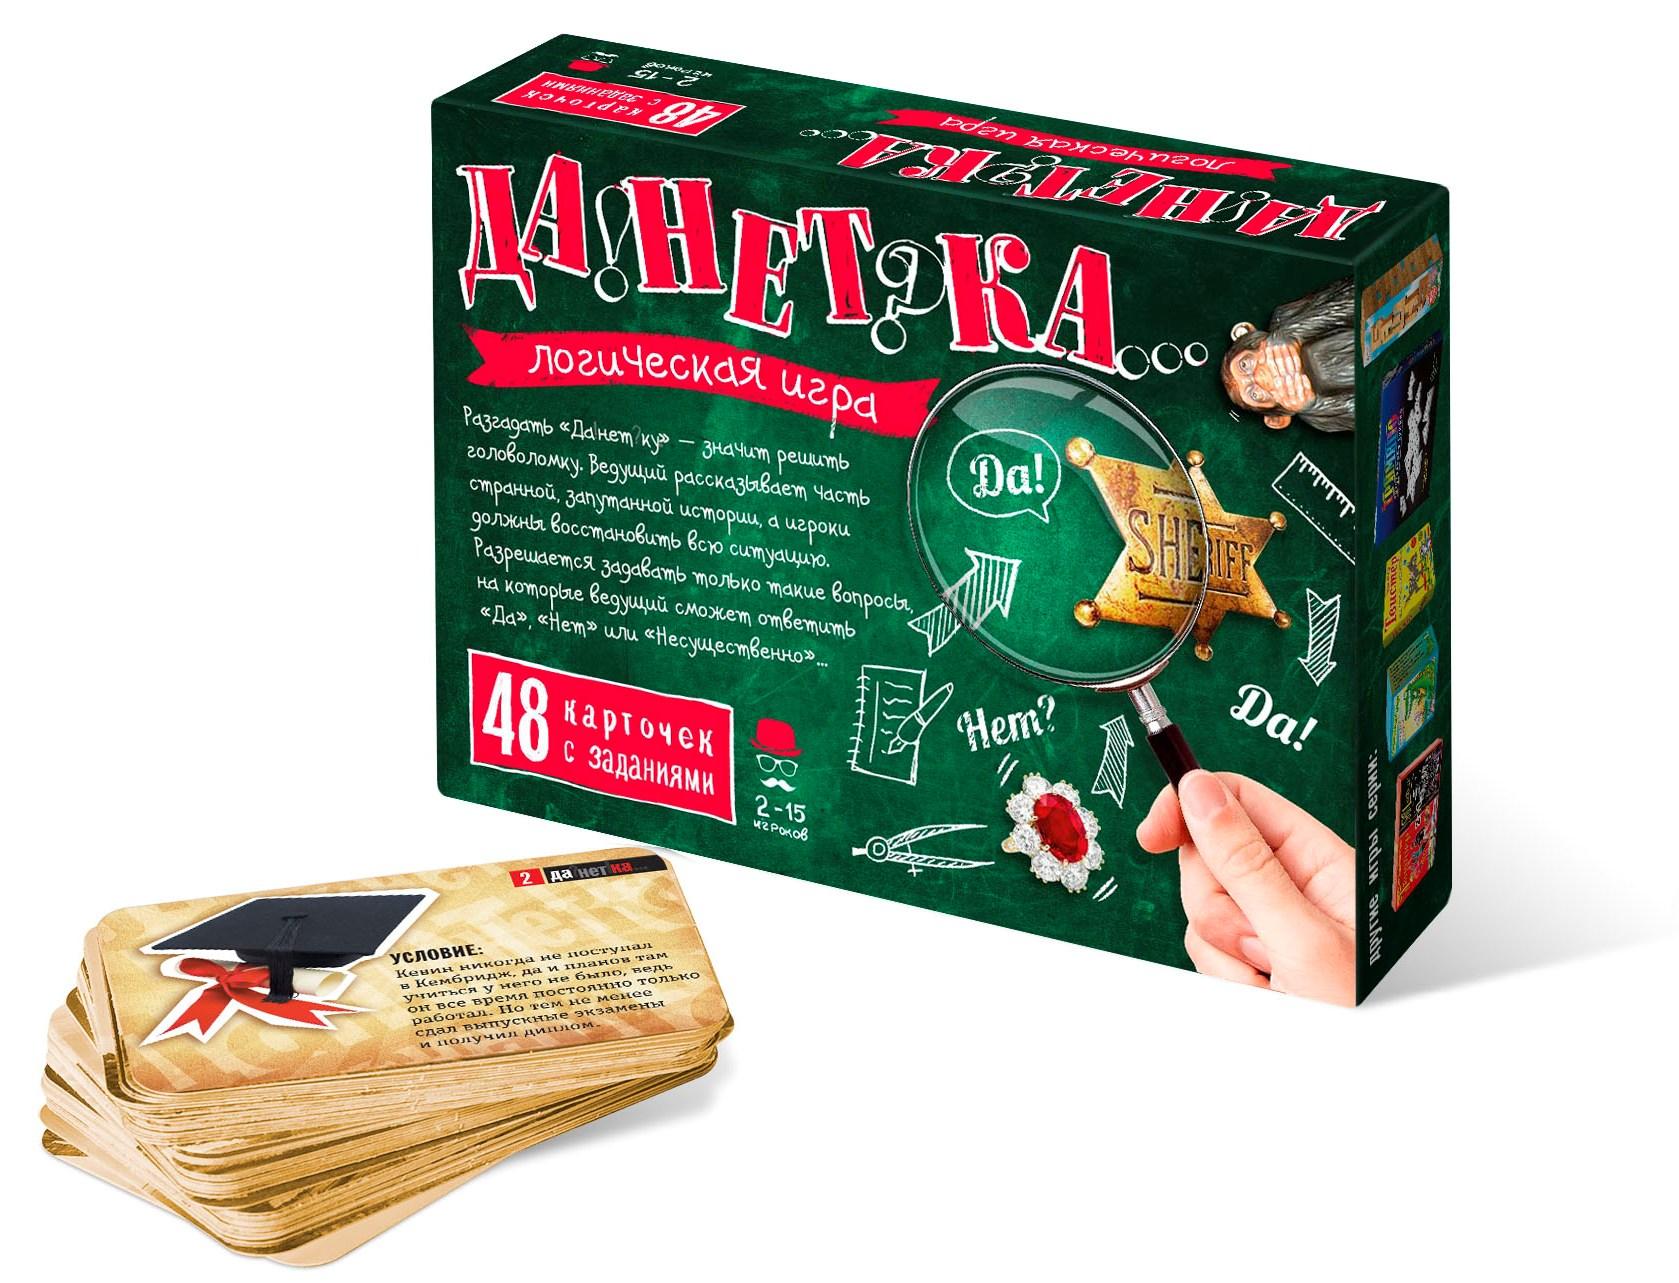 Настольная игра  - Данетка, 3-е издание Бэмби